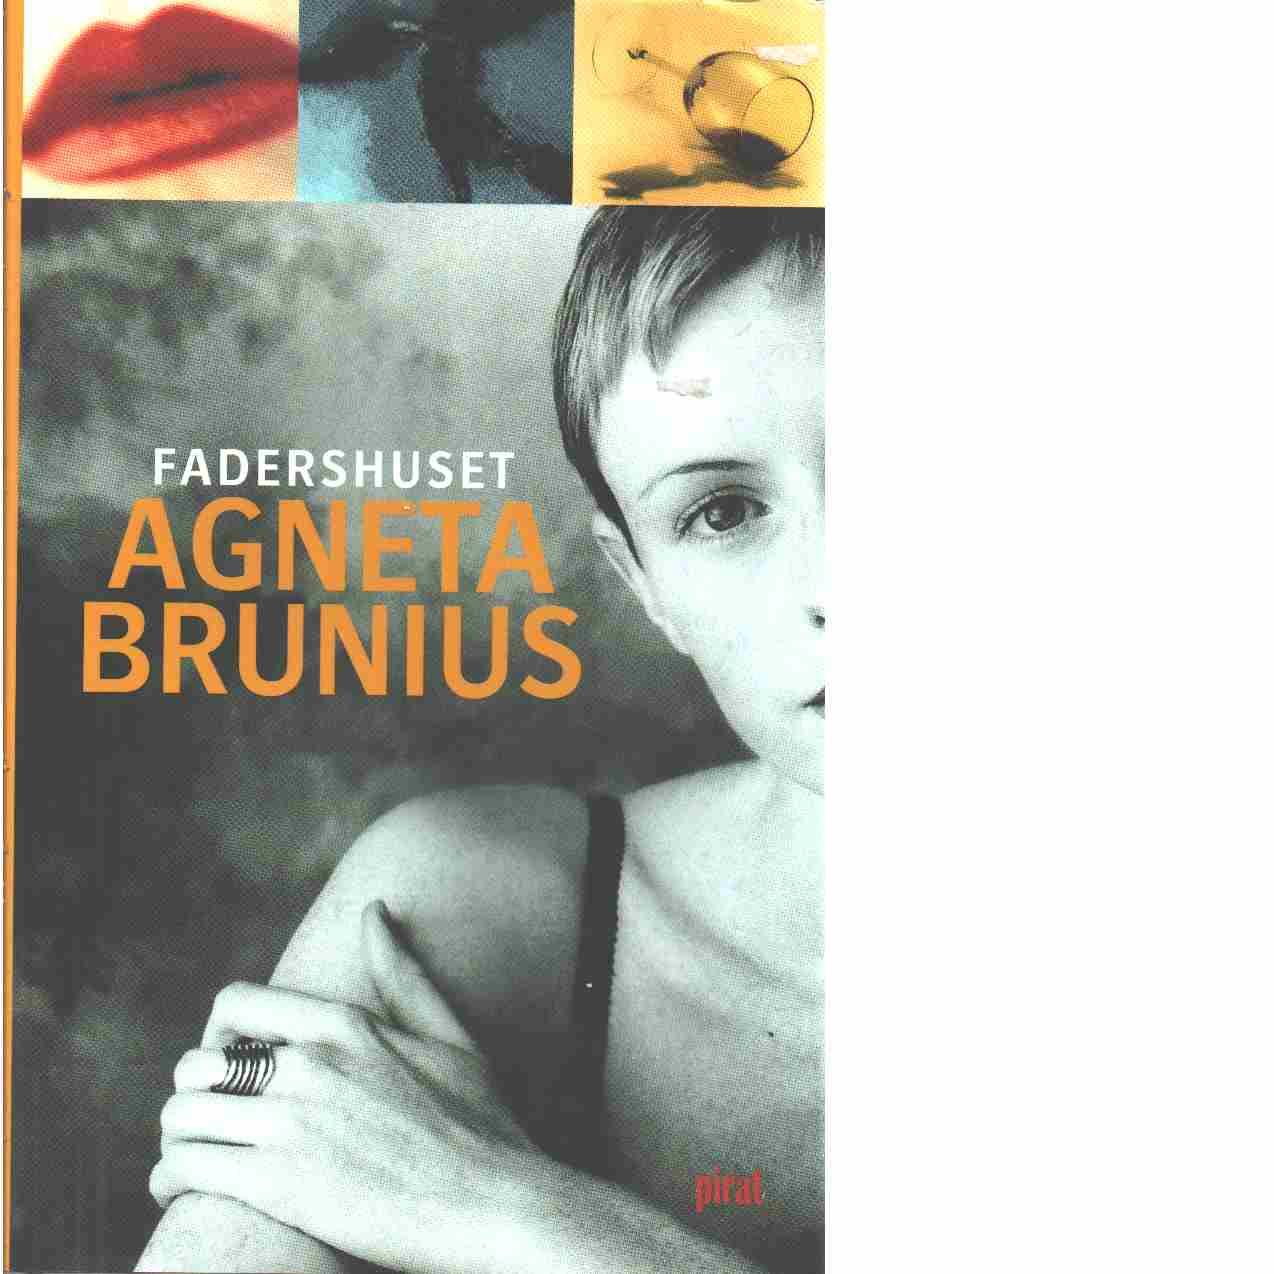 Fadershuset - Brunius, Agneta